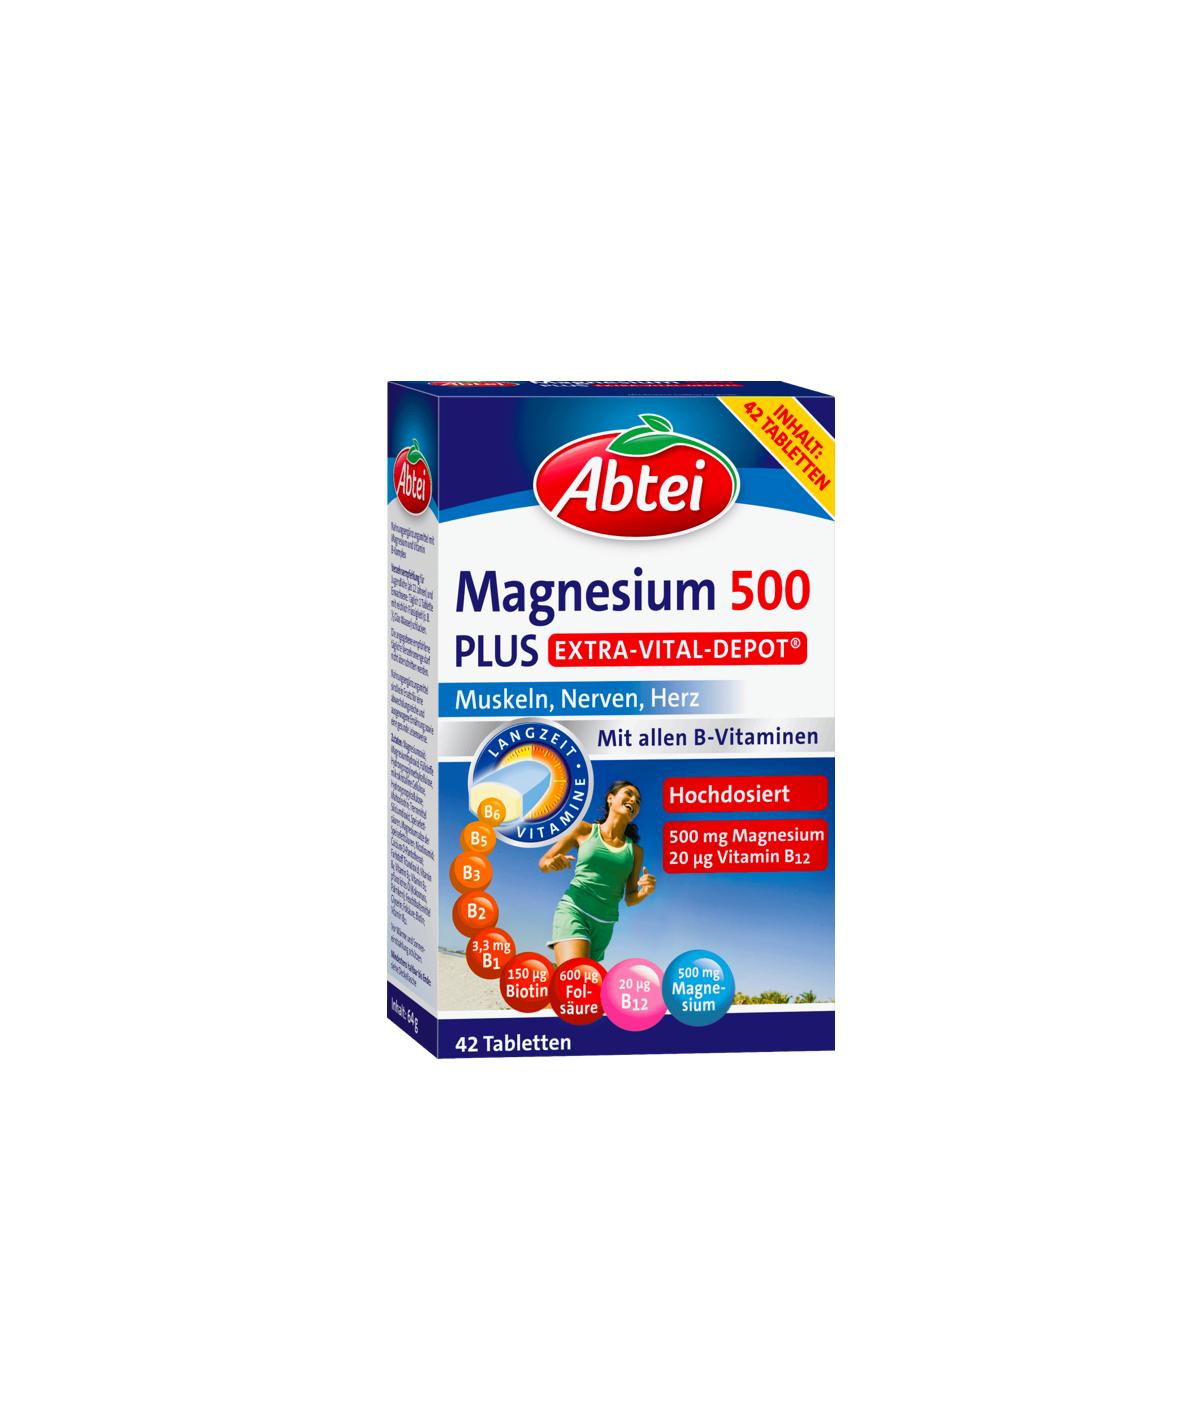 Magnesium 500 Plus Vital Depot comprimés 42 pièces, 64 g